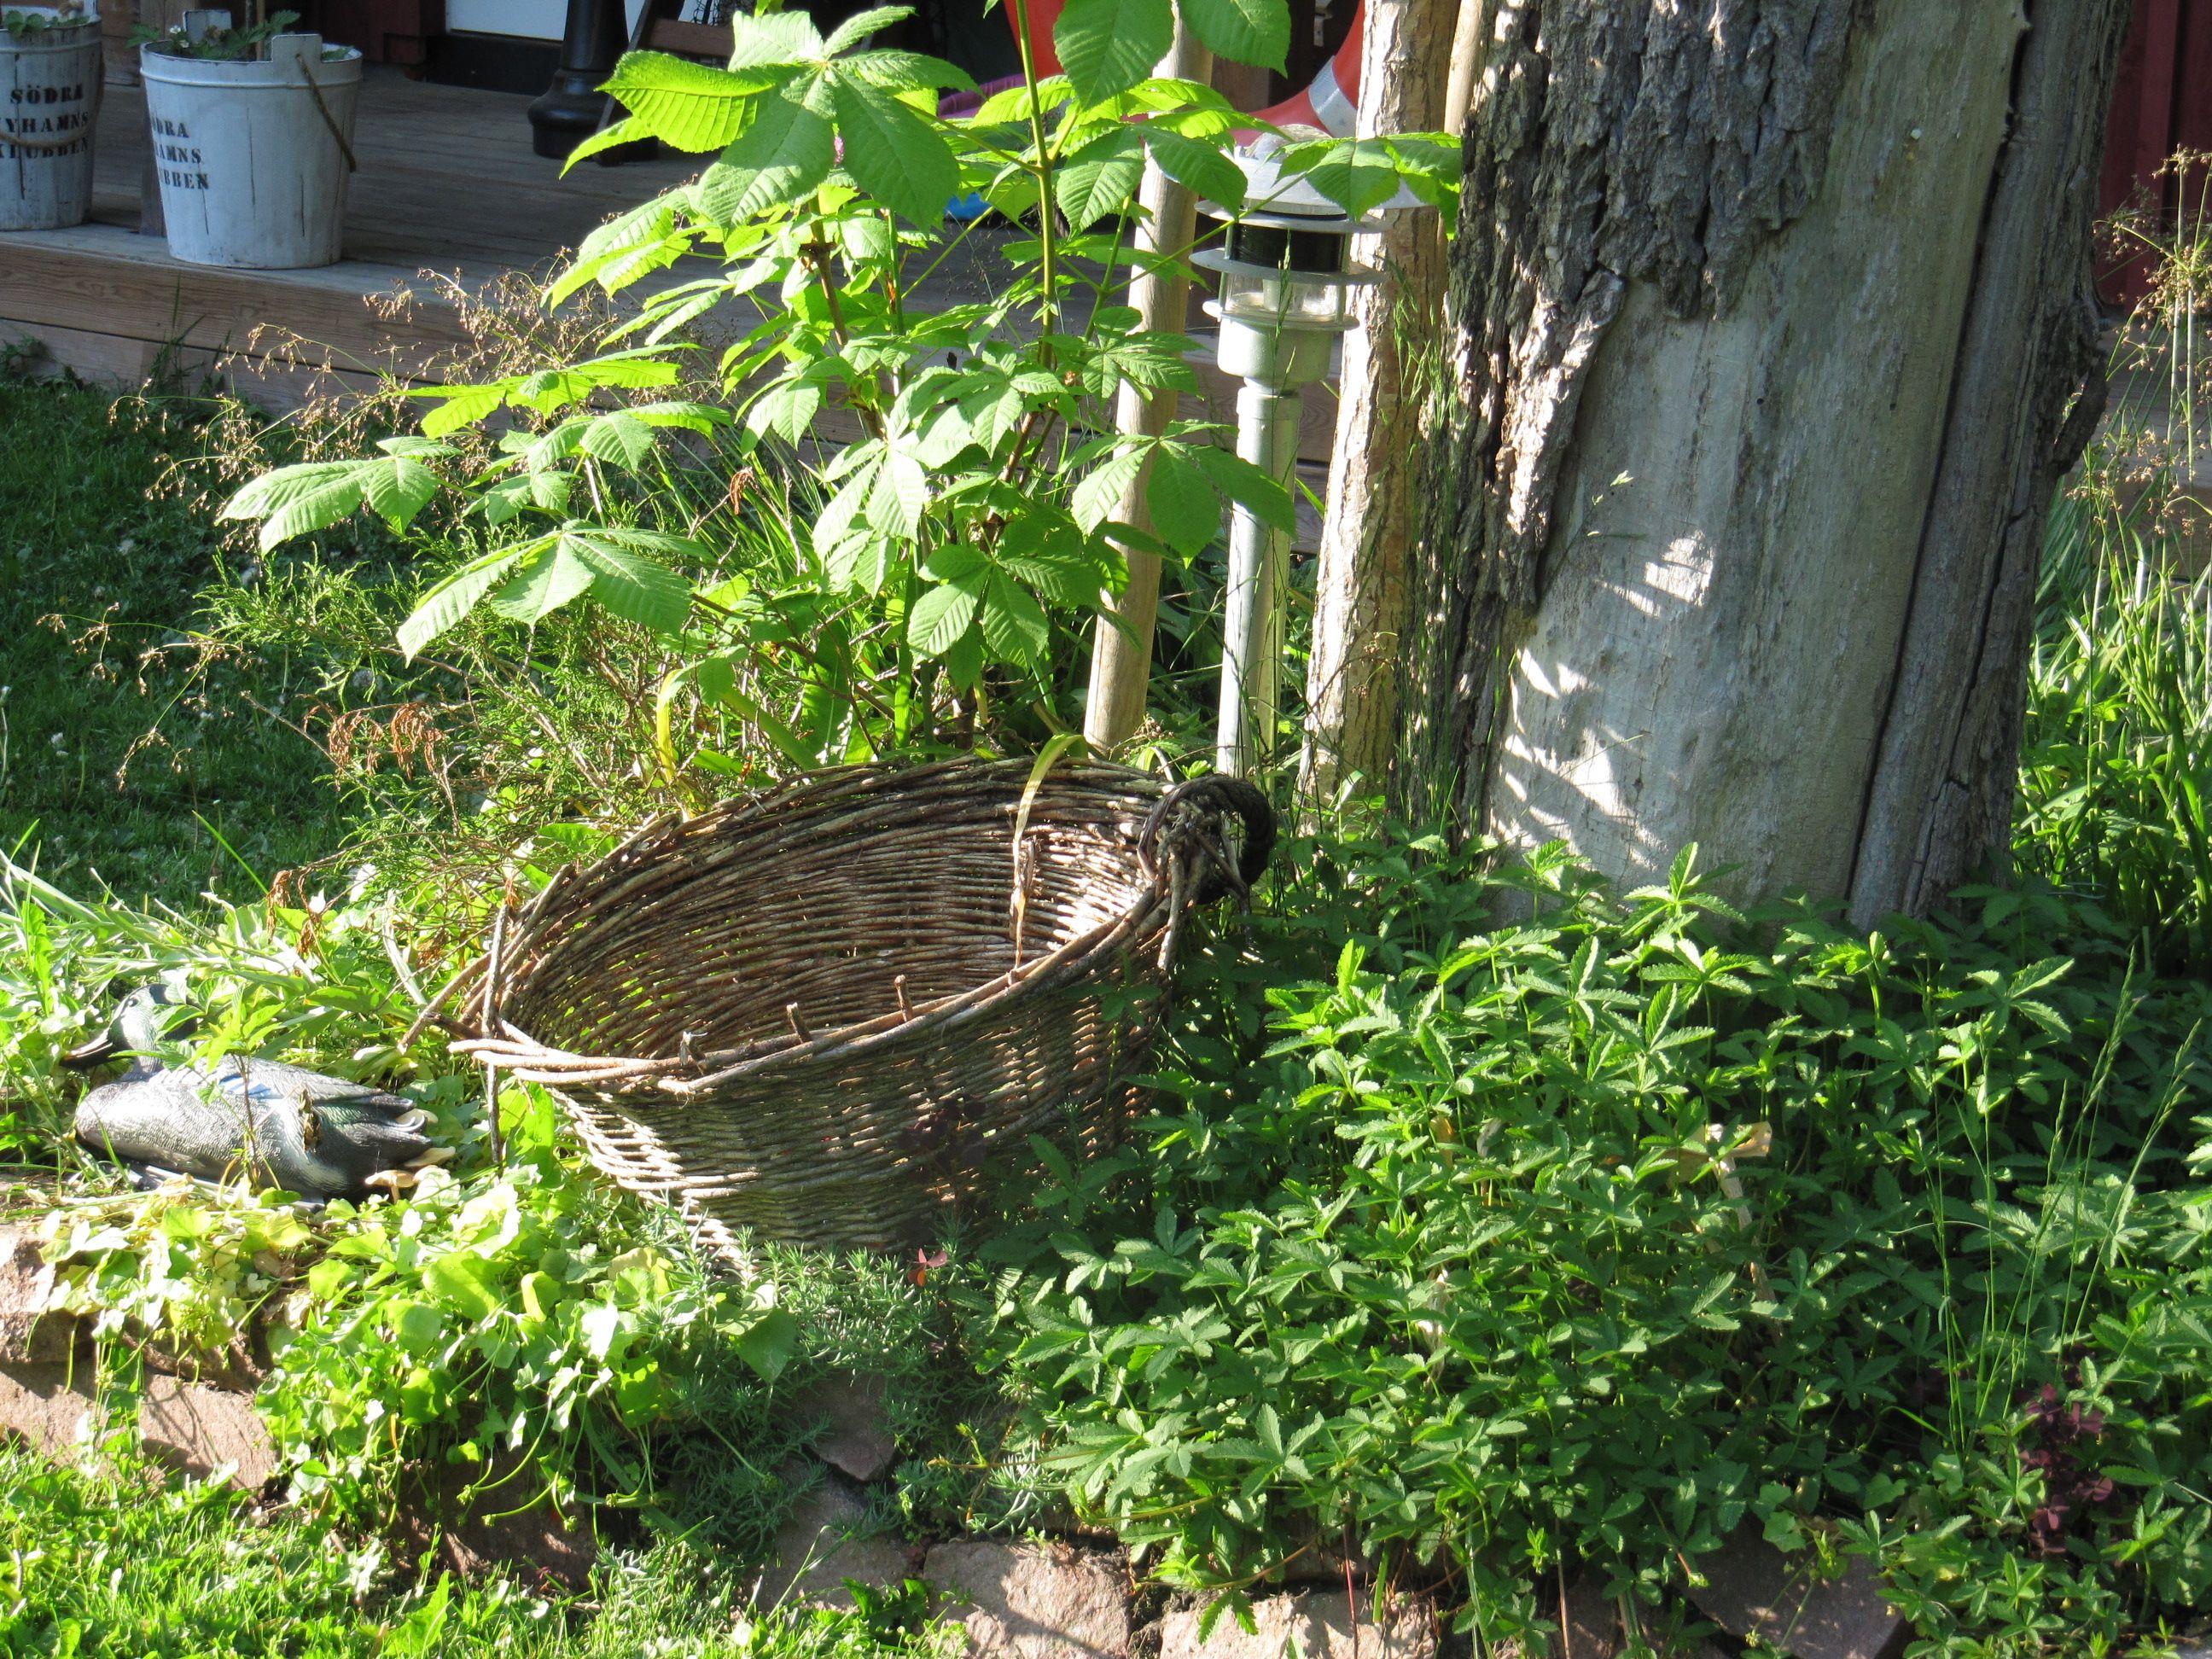 Tökkää vanha pajukori - jopa pohjaa vailla käy - kukkapenkkiin ulkoleluja varten. Säästyt siivoamiselta ja kompastelulta. Eikä näytä hassummalta!